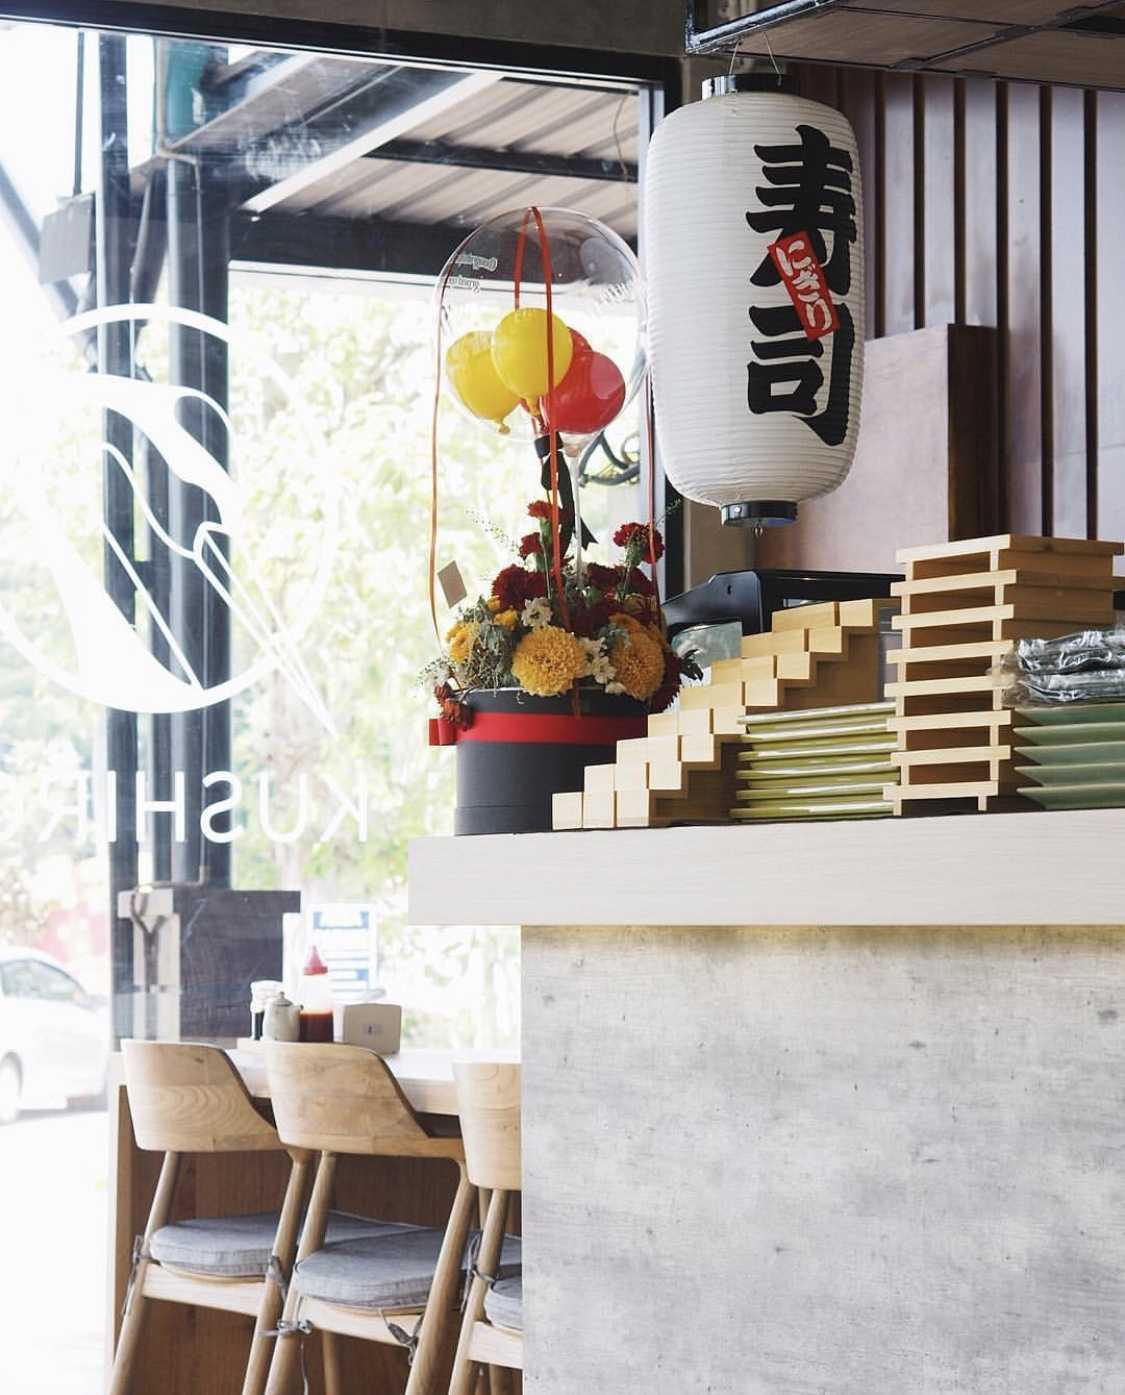 Zeta Interior Design Kushiro Japanese Restaurant Surabaya, Kota Sby, Jawa Timur, Indonesia Surabaya, Kota Sby, Jawa Timur, Indonesia Zeta-Interior-Design-Kushiro-Japanese-Restaurant  75762